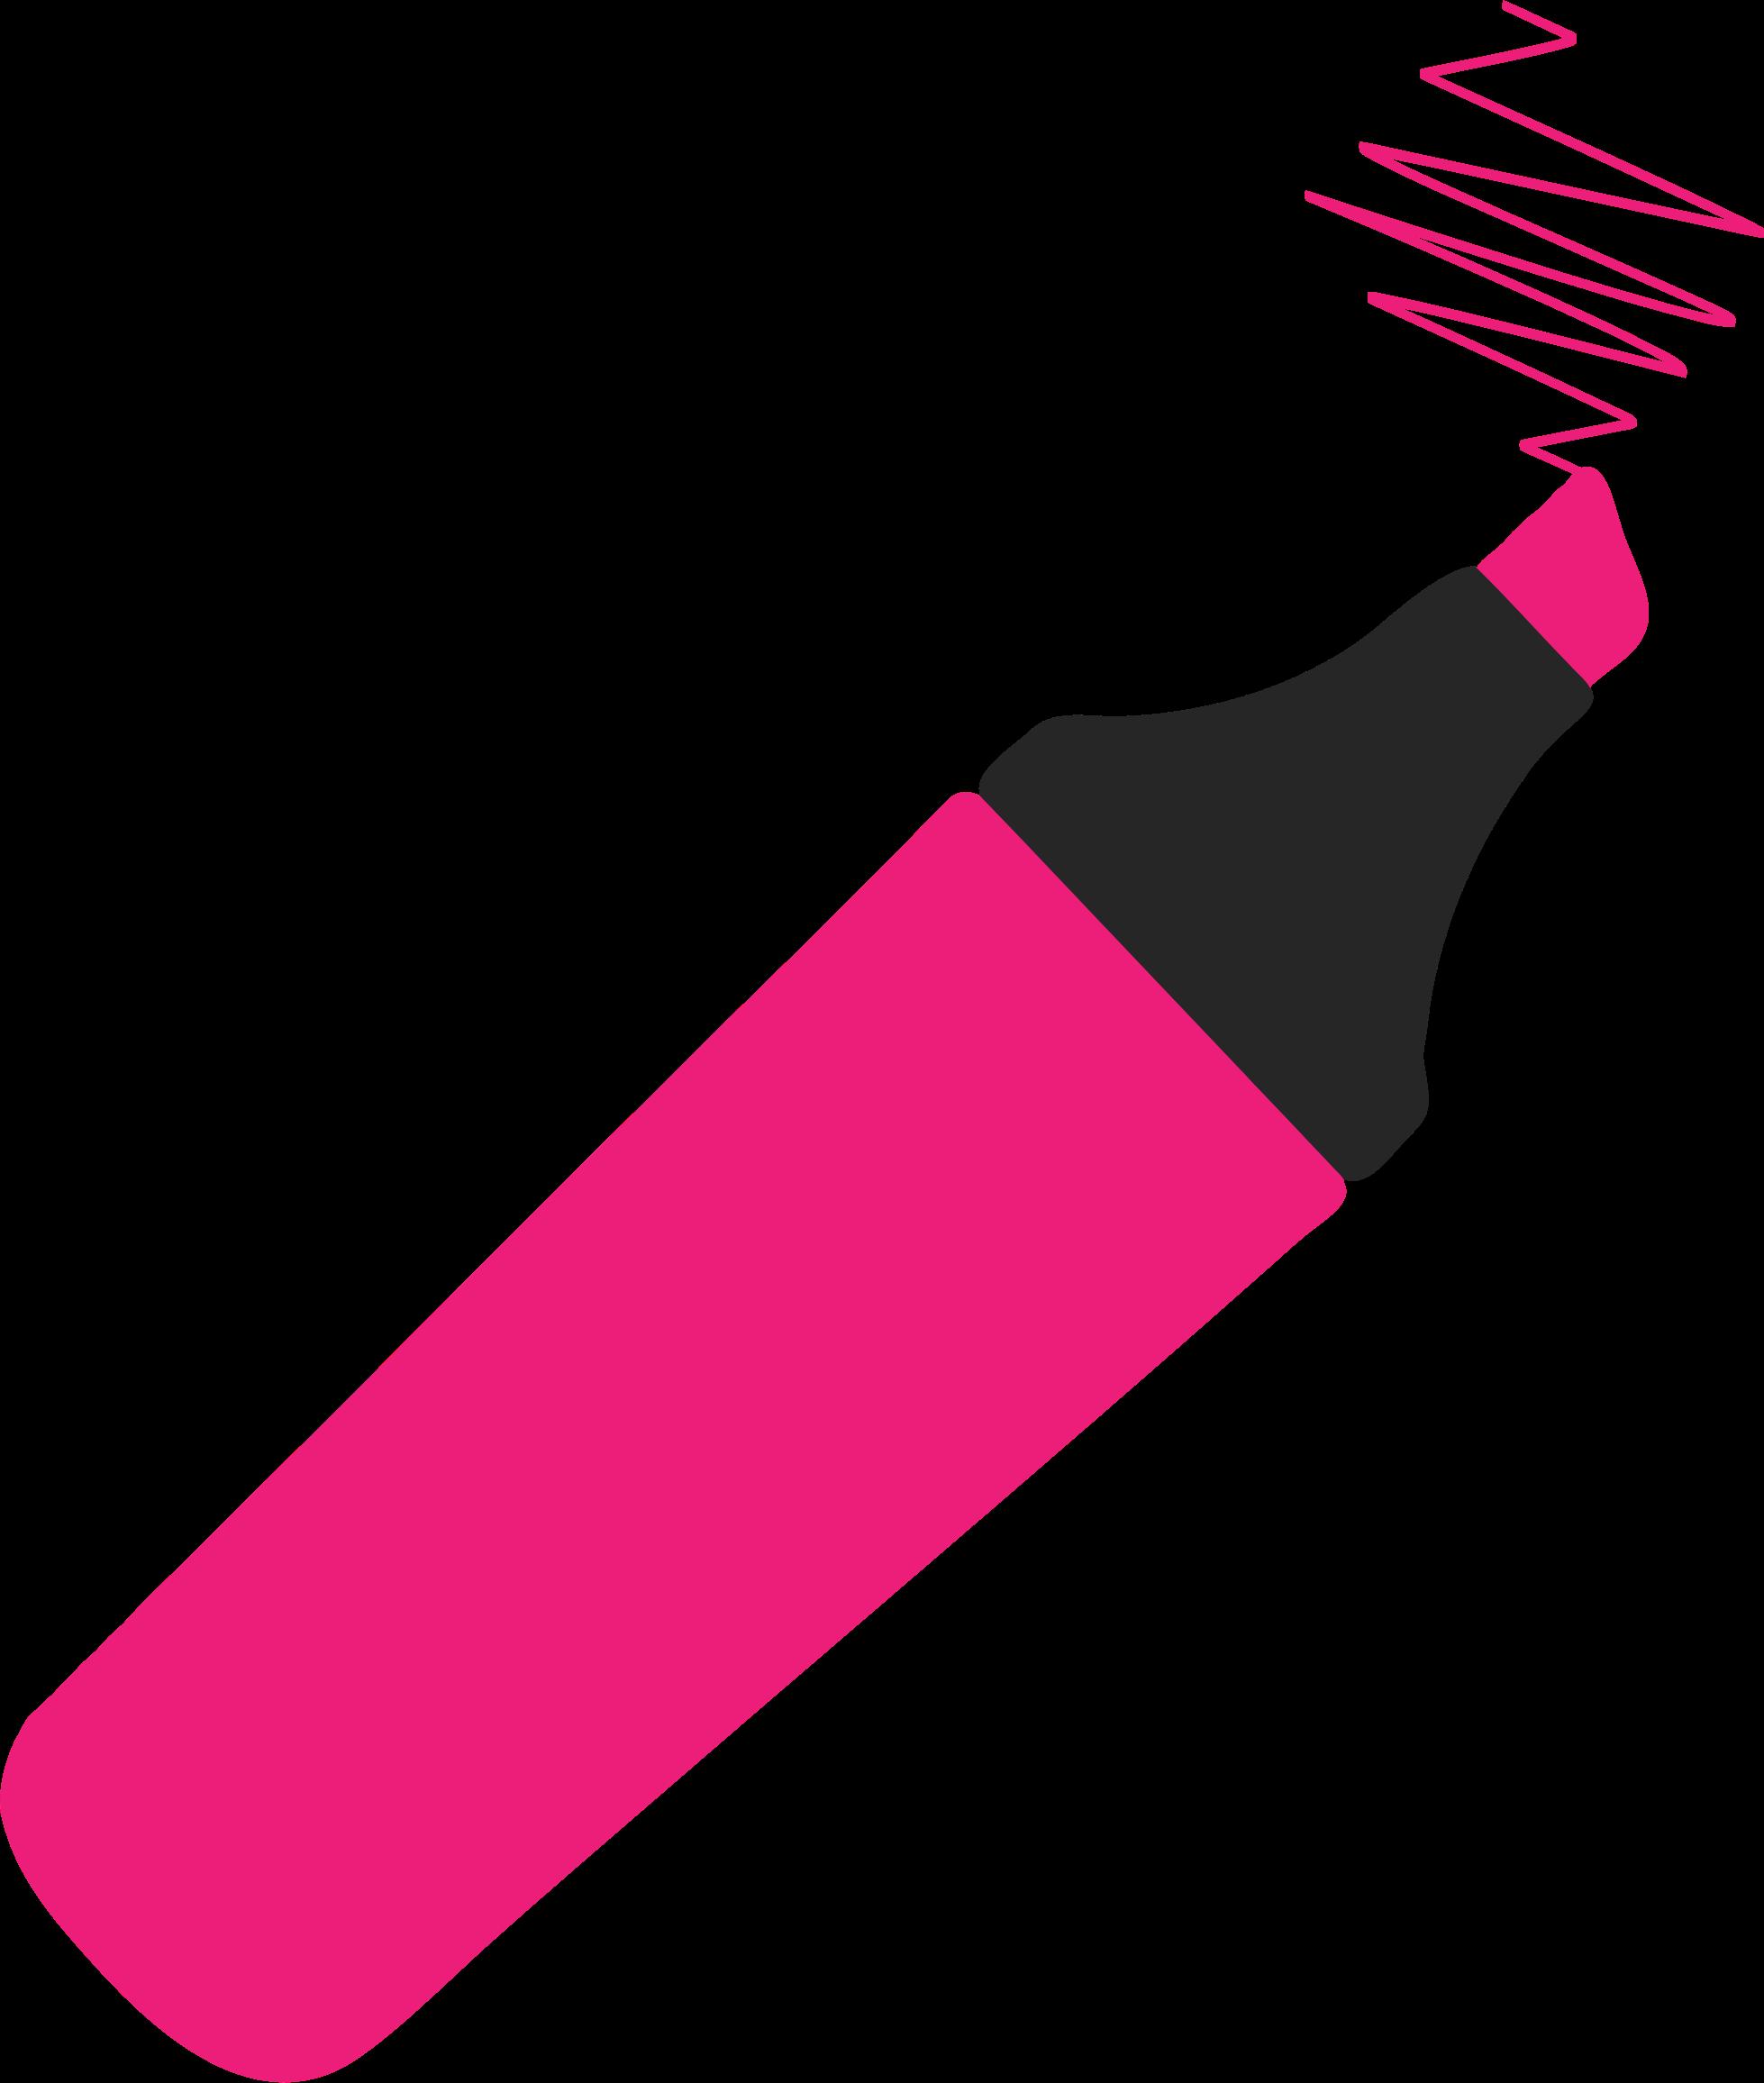 clipart - highlighter pen